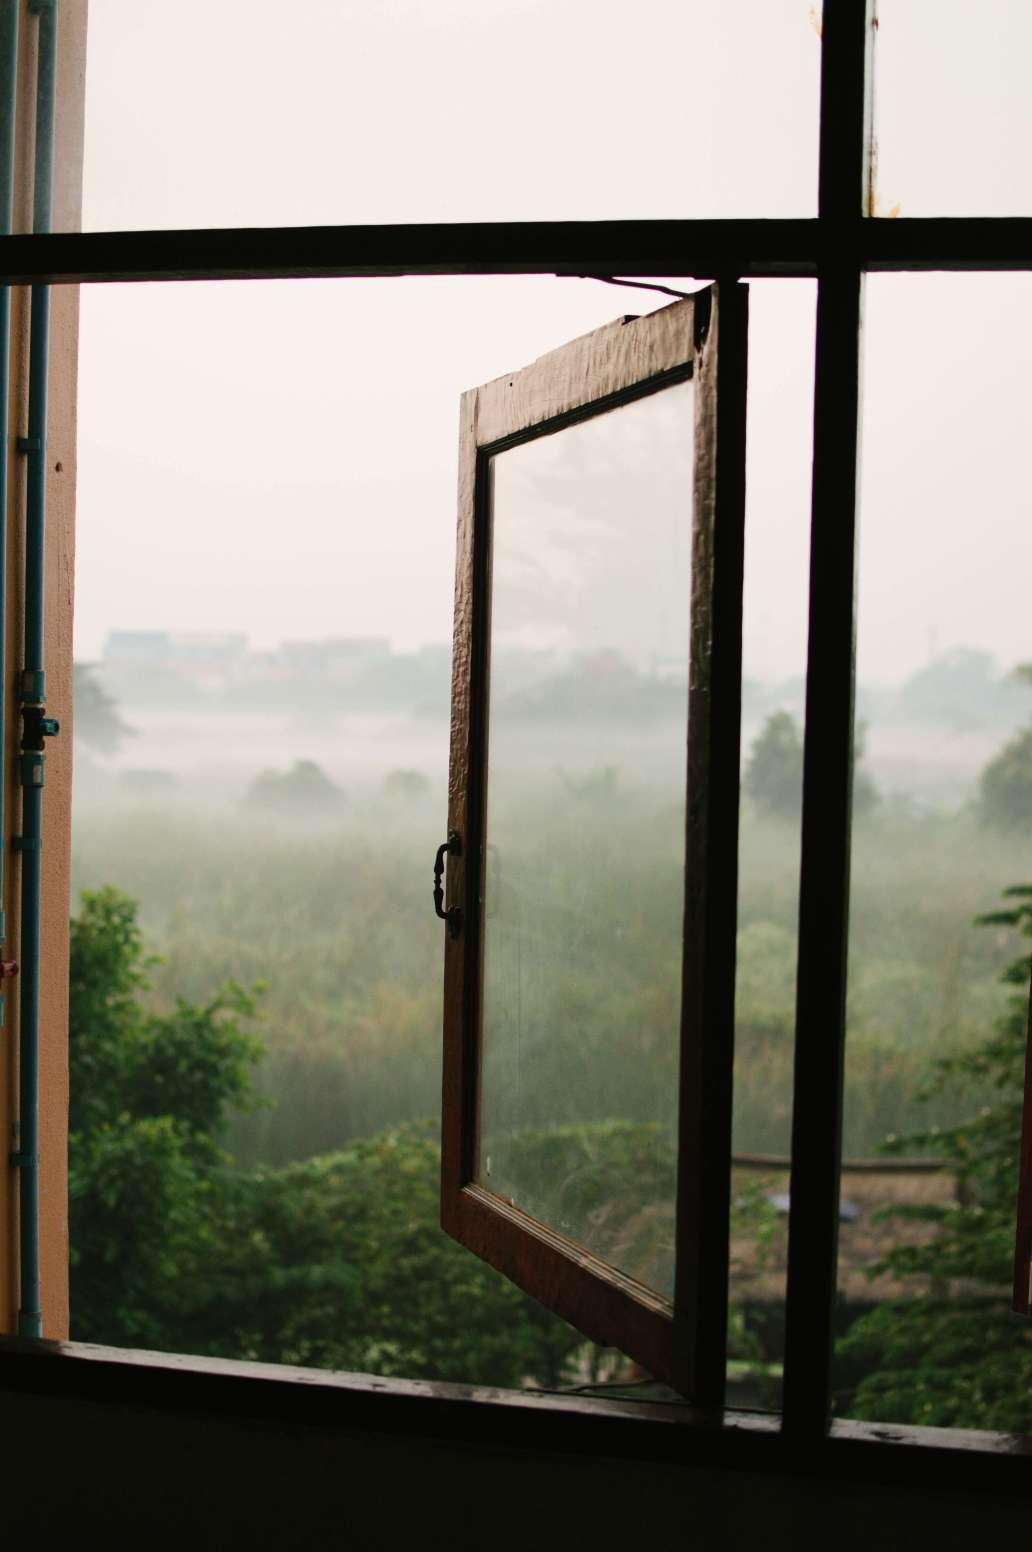 hannah tims 2cZYUA1AwnQ unsplash 2 1362x2048 - Comment appliquer un brise-vue pour fenêtre ?